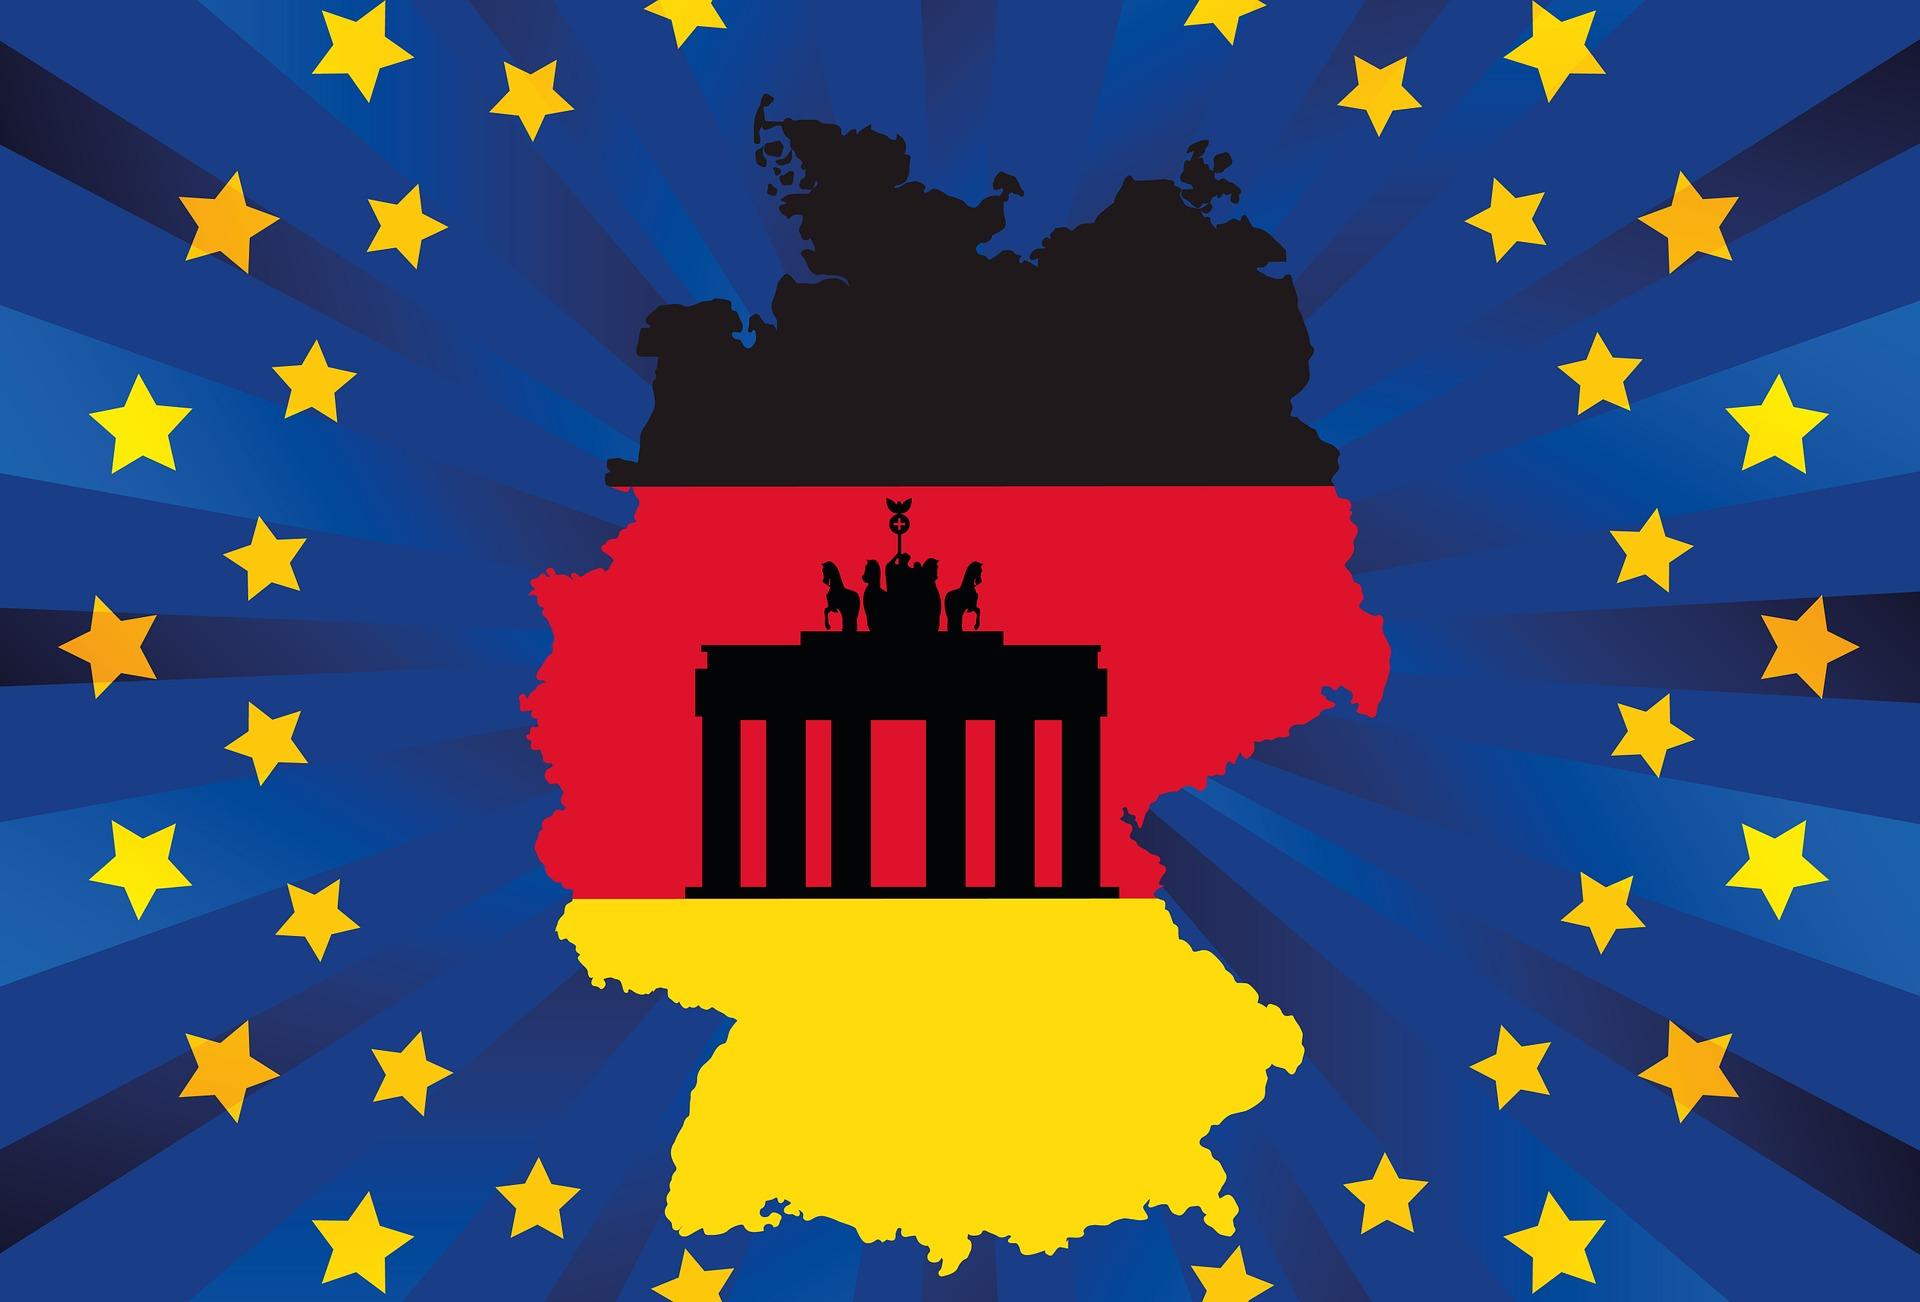 Ungarische Auswanderer wollen vor allem in Deutschland arbeiten post's picture